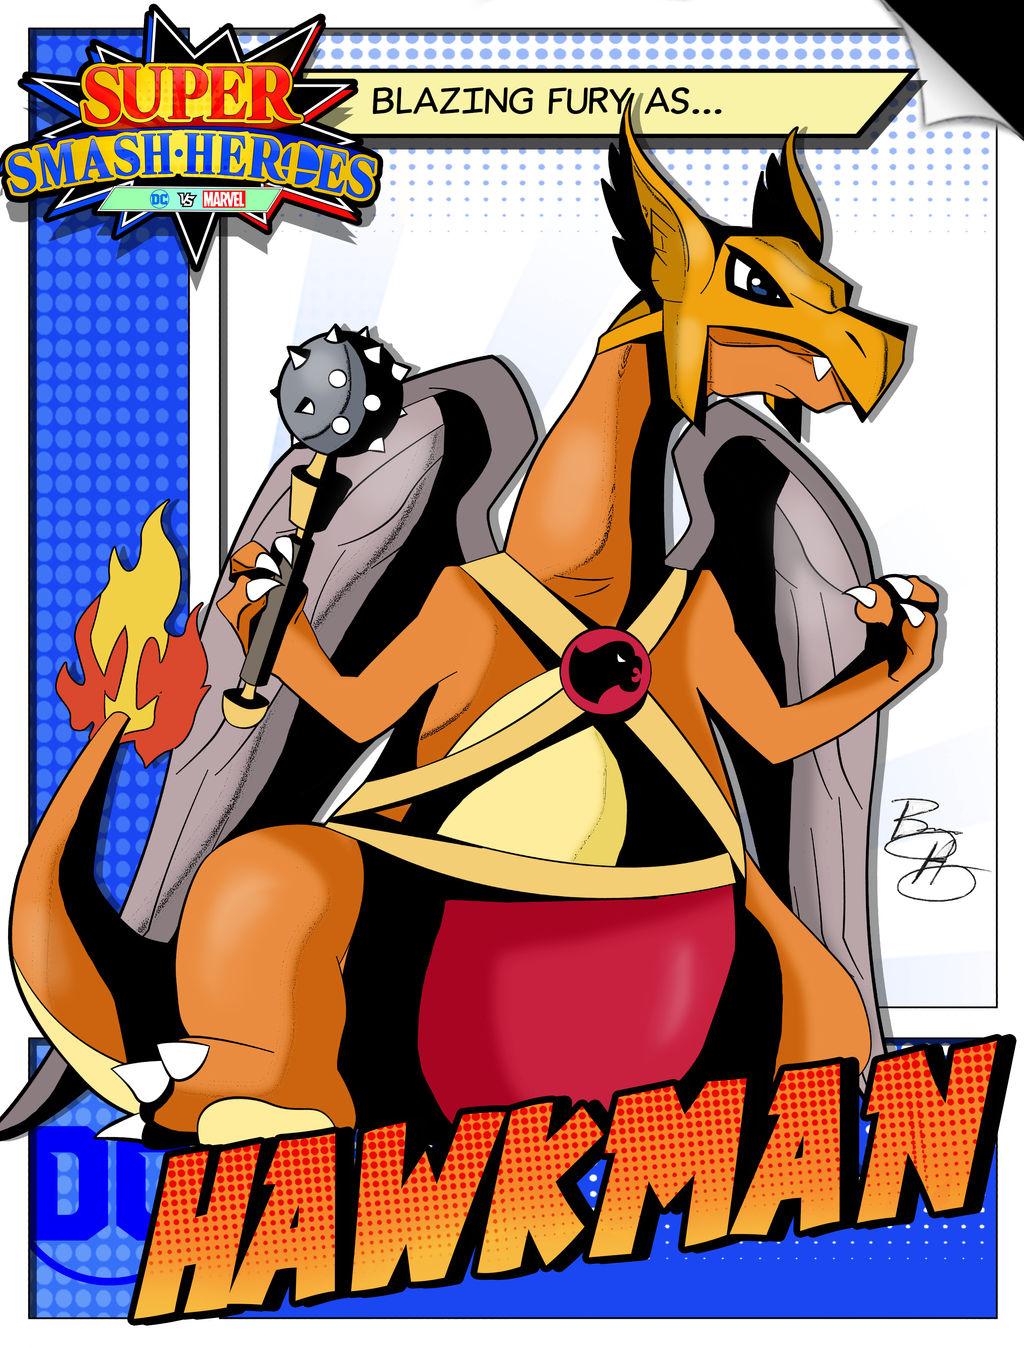 Super Smash Heroes- Charizard x Hawkman